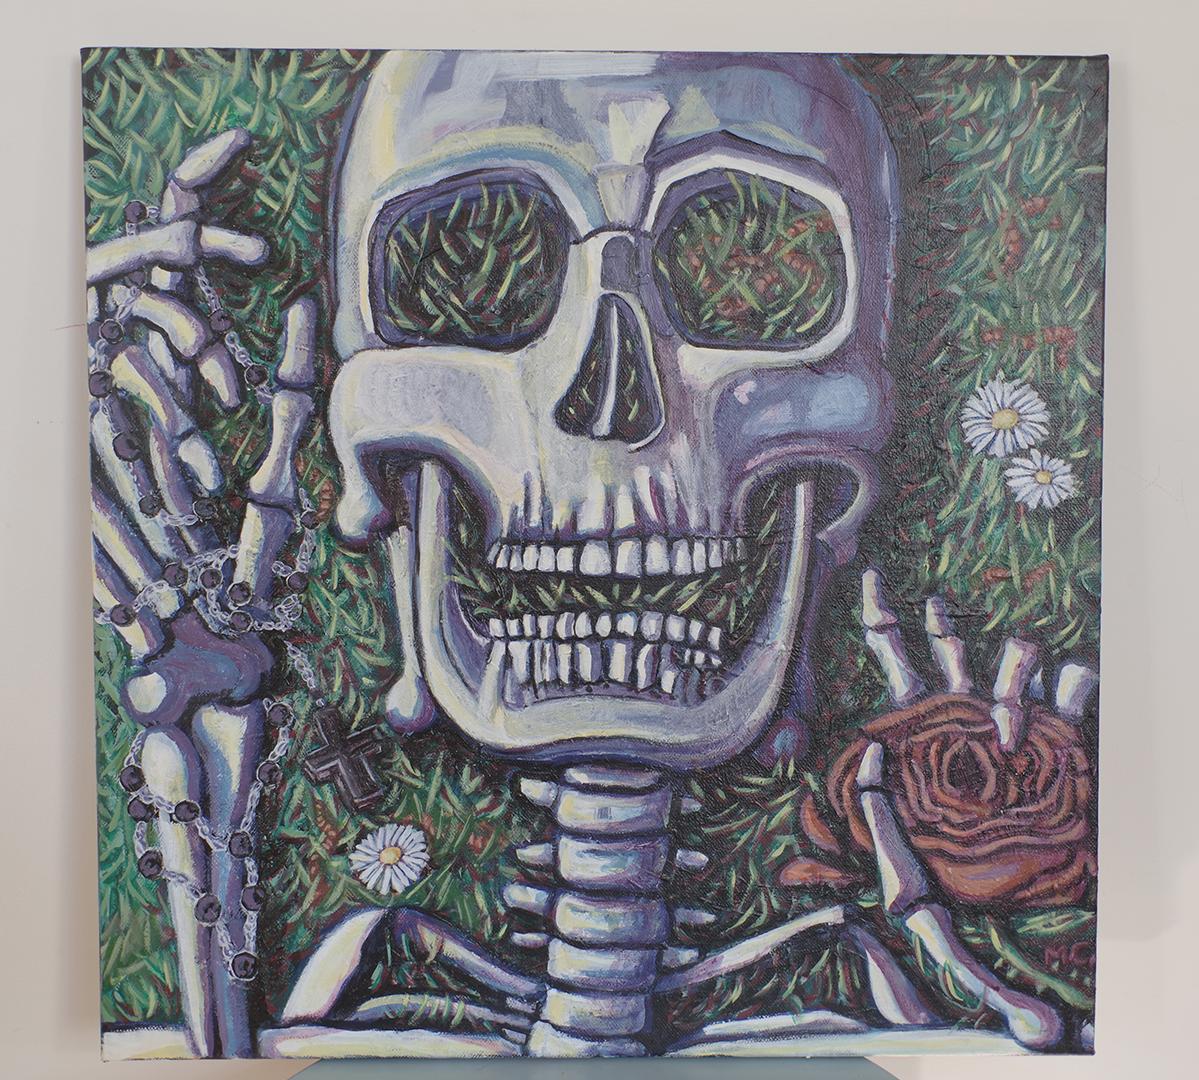 """<h3>Vanité numéro 1, acrylique sur toile, 50 x 50 cm, septembre 2019, Lille, France</h3><p>Ce portrait est fortement inspiré par la vanité, genre pictural traditionnel codifié qui aborde des questions d'ordre existentiel. </p><p> Dans """"Vanité n°1"""", le squelette est au centre du tableau, la nature est en train de reprendre ses droits : de l'herbe et des pâquerettes poussent à l'intérieur et autour des ossements. Des lombrics sont également représentés, ils incarnent la continuité du cycle de la vie. La gestuelle du squelette ainsi que son expression évoquent les derniers instants du personnage, il paraît ainsi figé dans le temps. Un chapelet est disposé dans sa main droite, comme s'il priait au moment de sa mort. Ce symbole religieux permet d'aborder la question du sens de la croyance au moment du trépas. Dans la main gauche du squelette, une rose coupée, à laquelle le personnage semble désespérément s'accrocher, symbolise l'aspect éphémère de la vie et des passions humaines.</p>"""